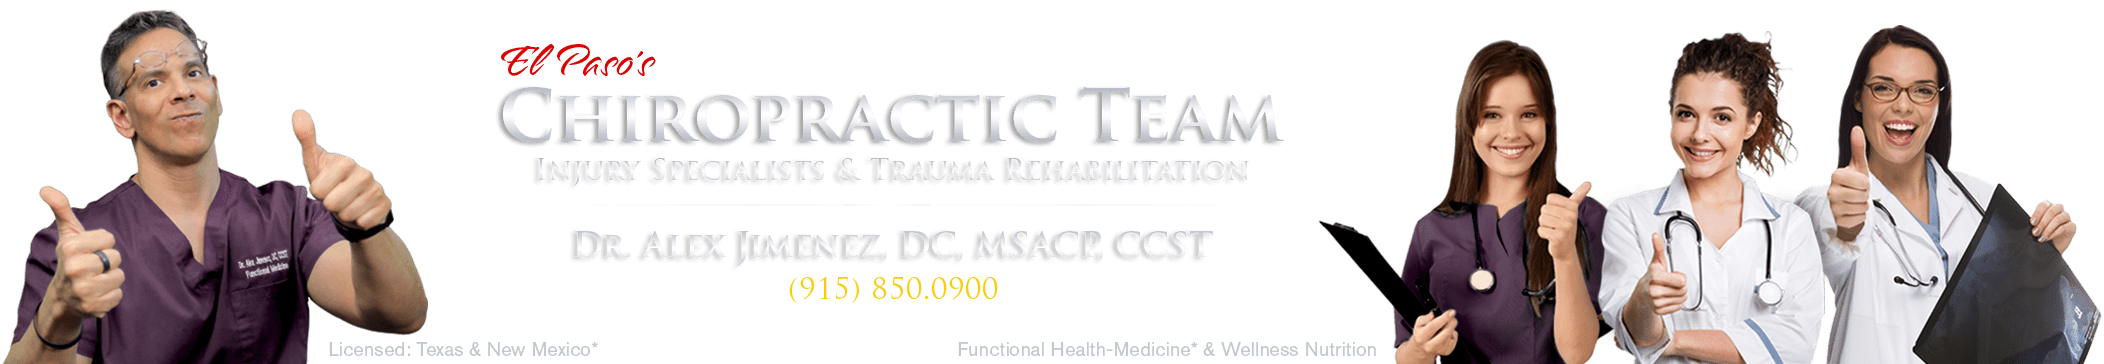 El Paso's Premier Chiropratica Clinica 915-850-0900